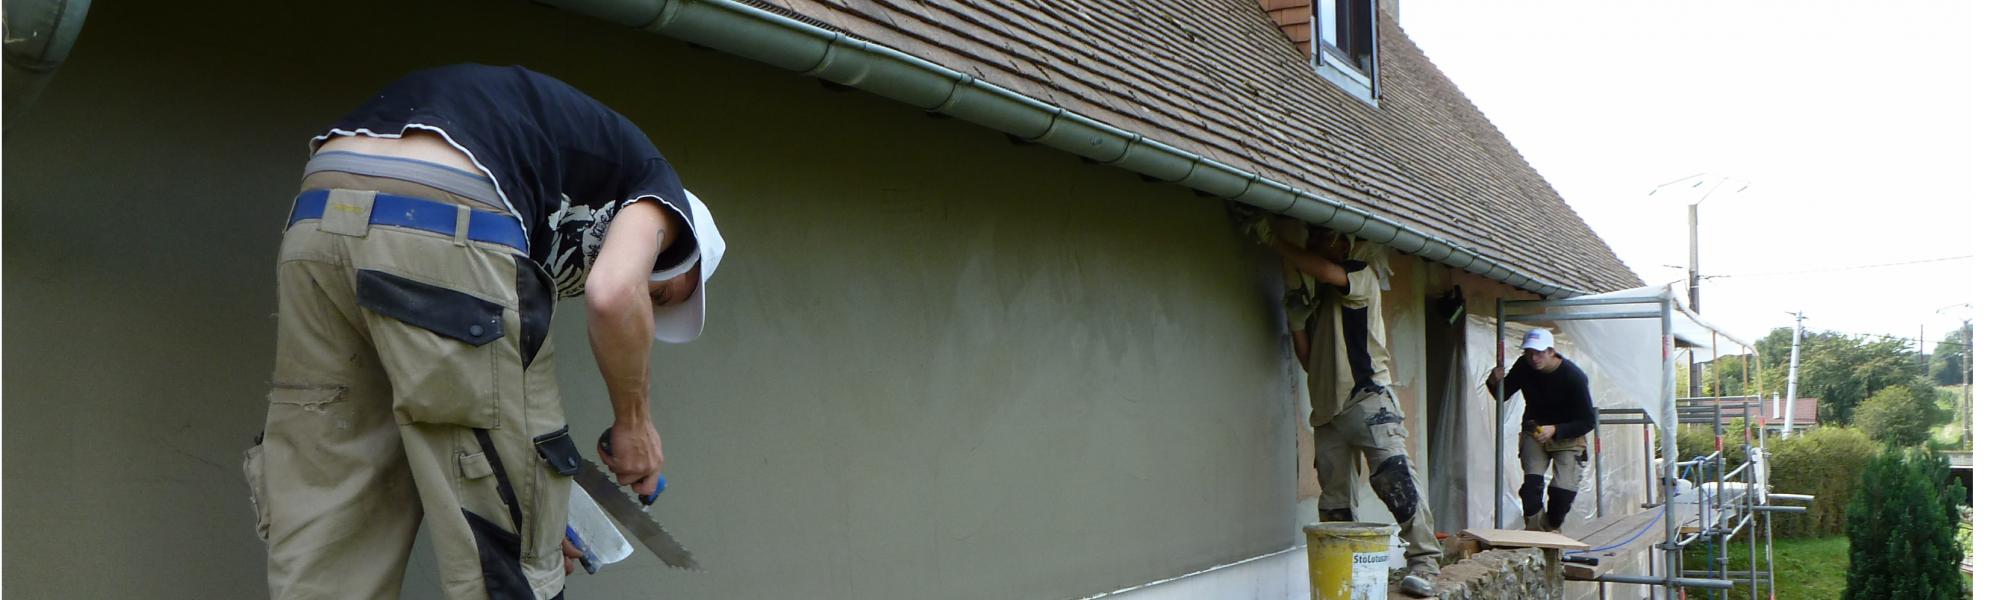 Travaux d'enduit sur facade isolé en panneau de fibre de bois et ouate de cellulose